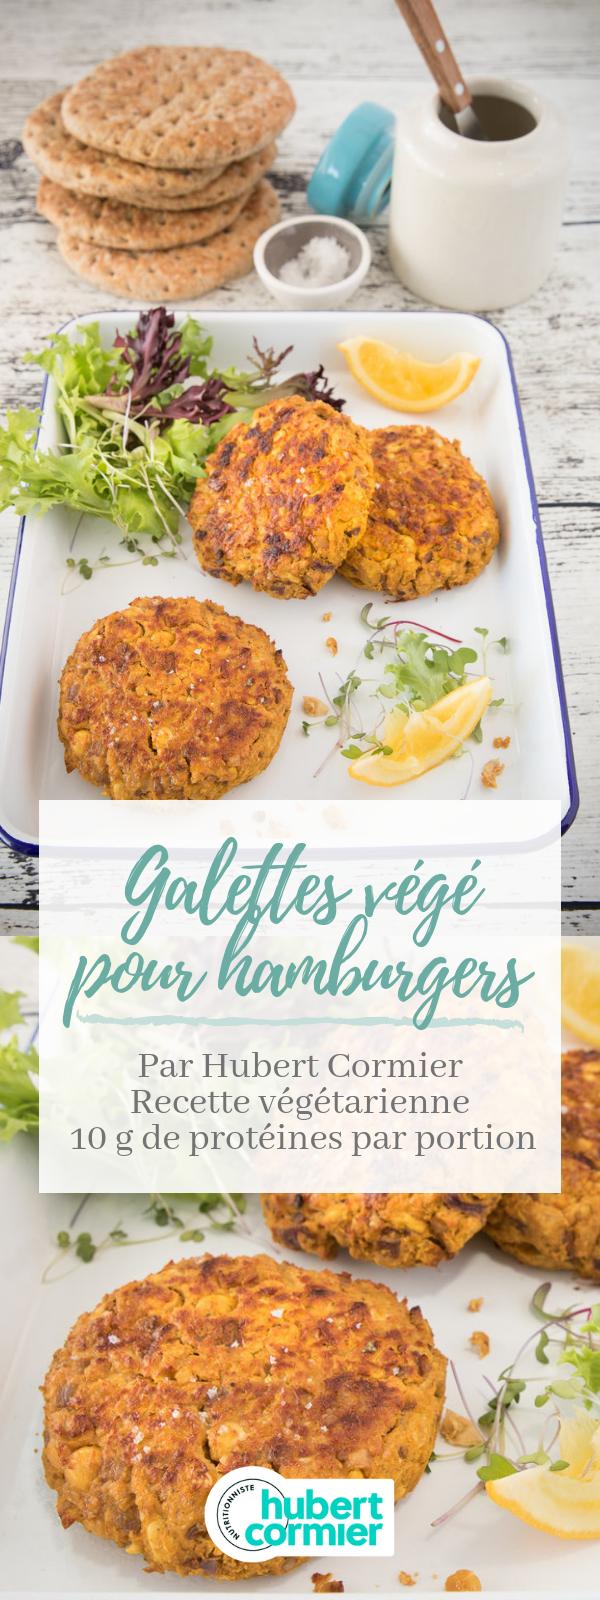 Galettes végé pour hamburgers | Recette | Idée recette ...